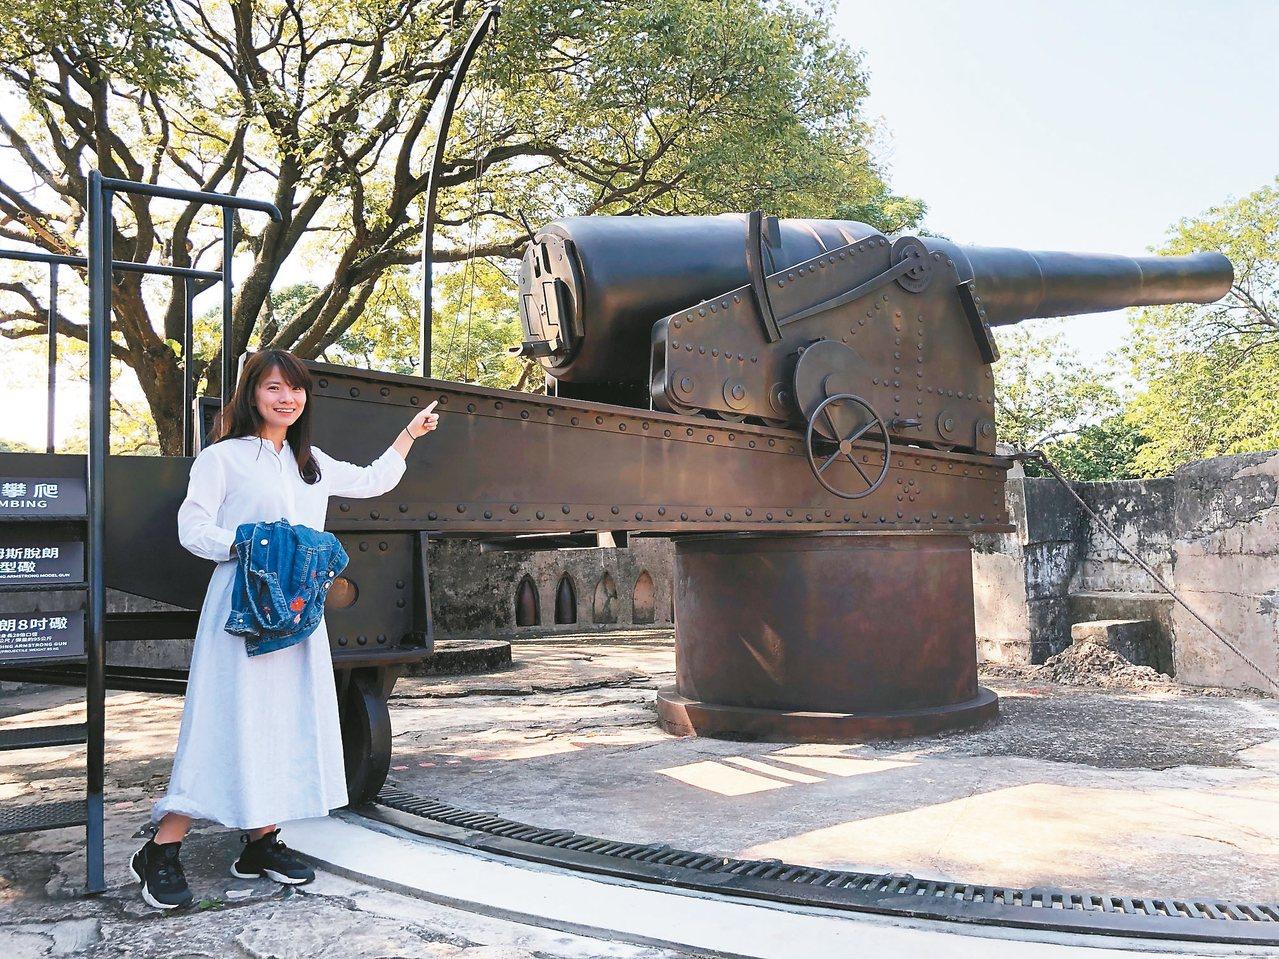 淡水古蹟博物館復刻阿姆斯脫朗8吋砲,開放民眾參觀。 圖/淡水古蹟博物館提供